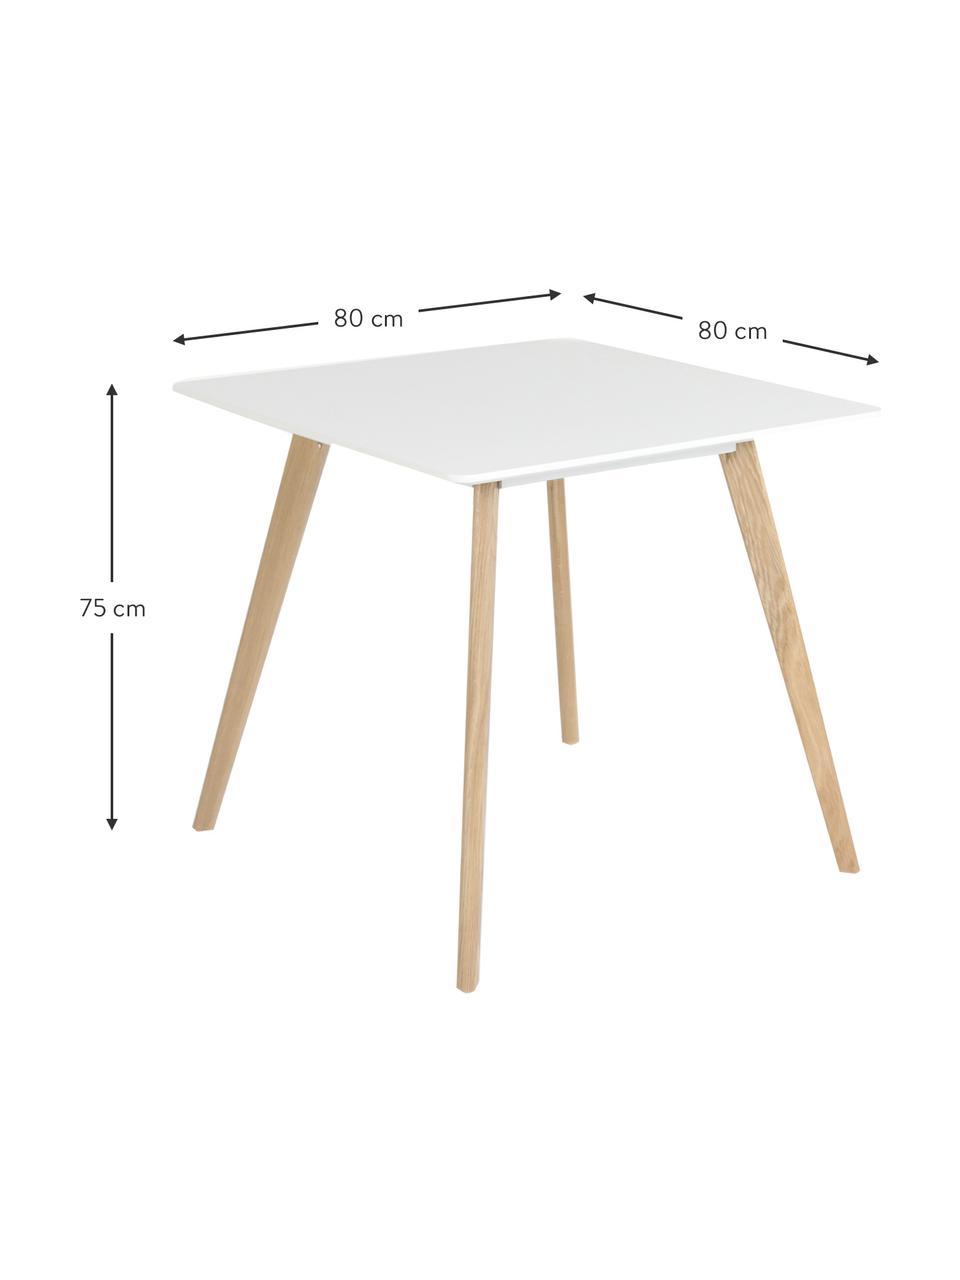 Esstisch Flamy, 80 x 80 cm, Tischplatte: Mitteldichte Holzfaserpla, Weiß, B 80 x T 80 cm